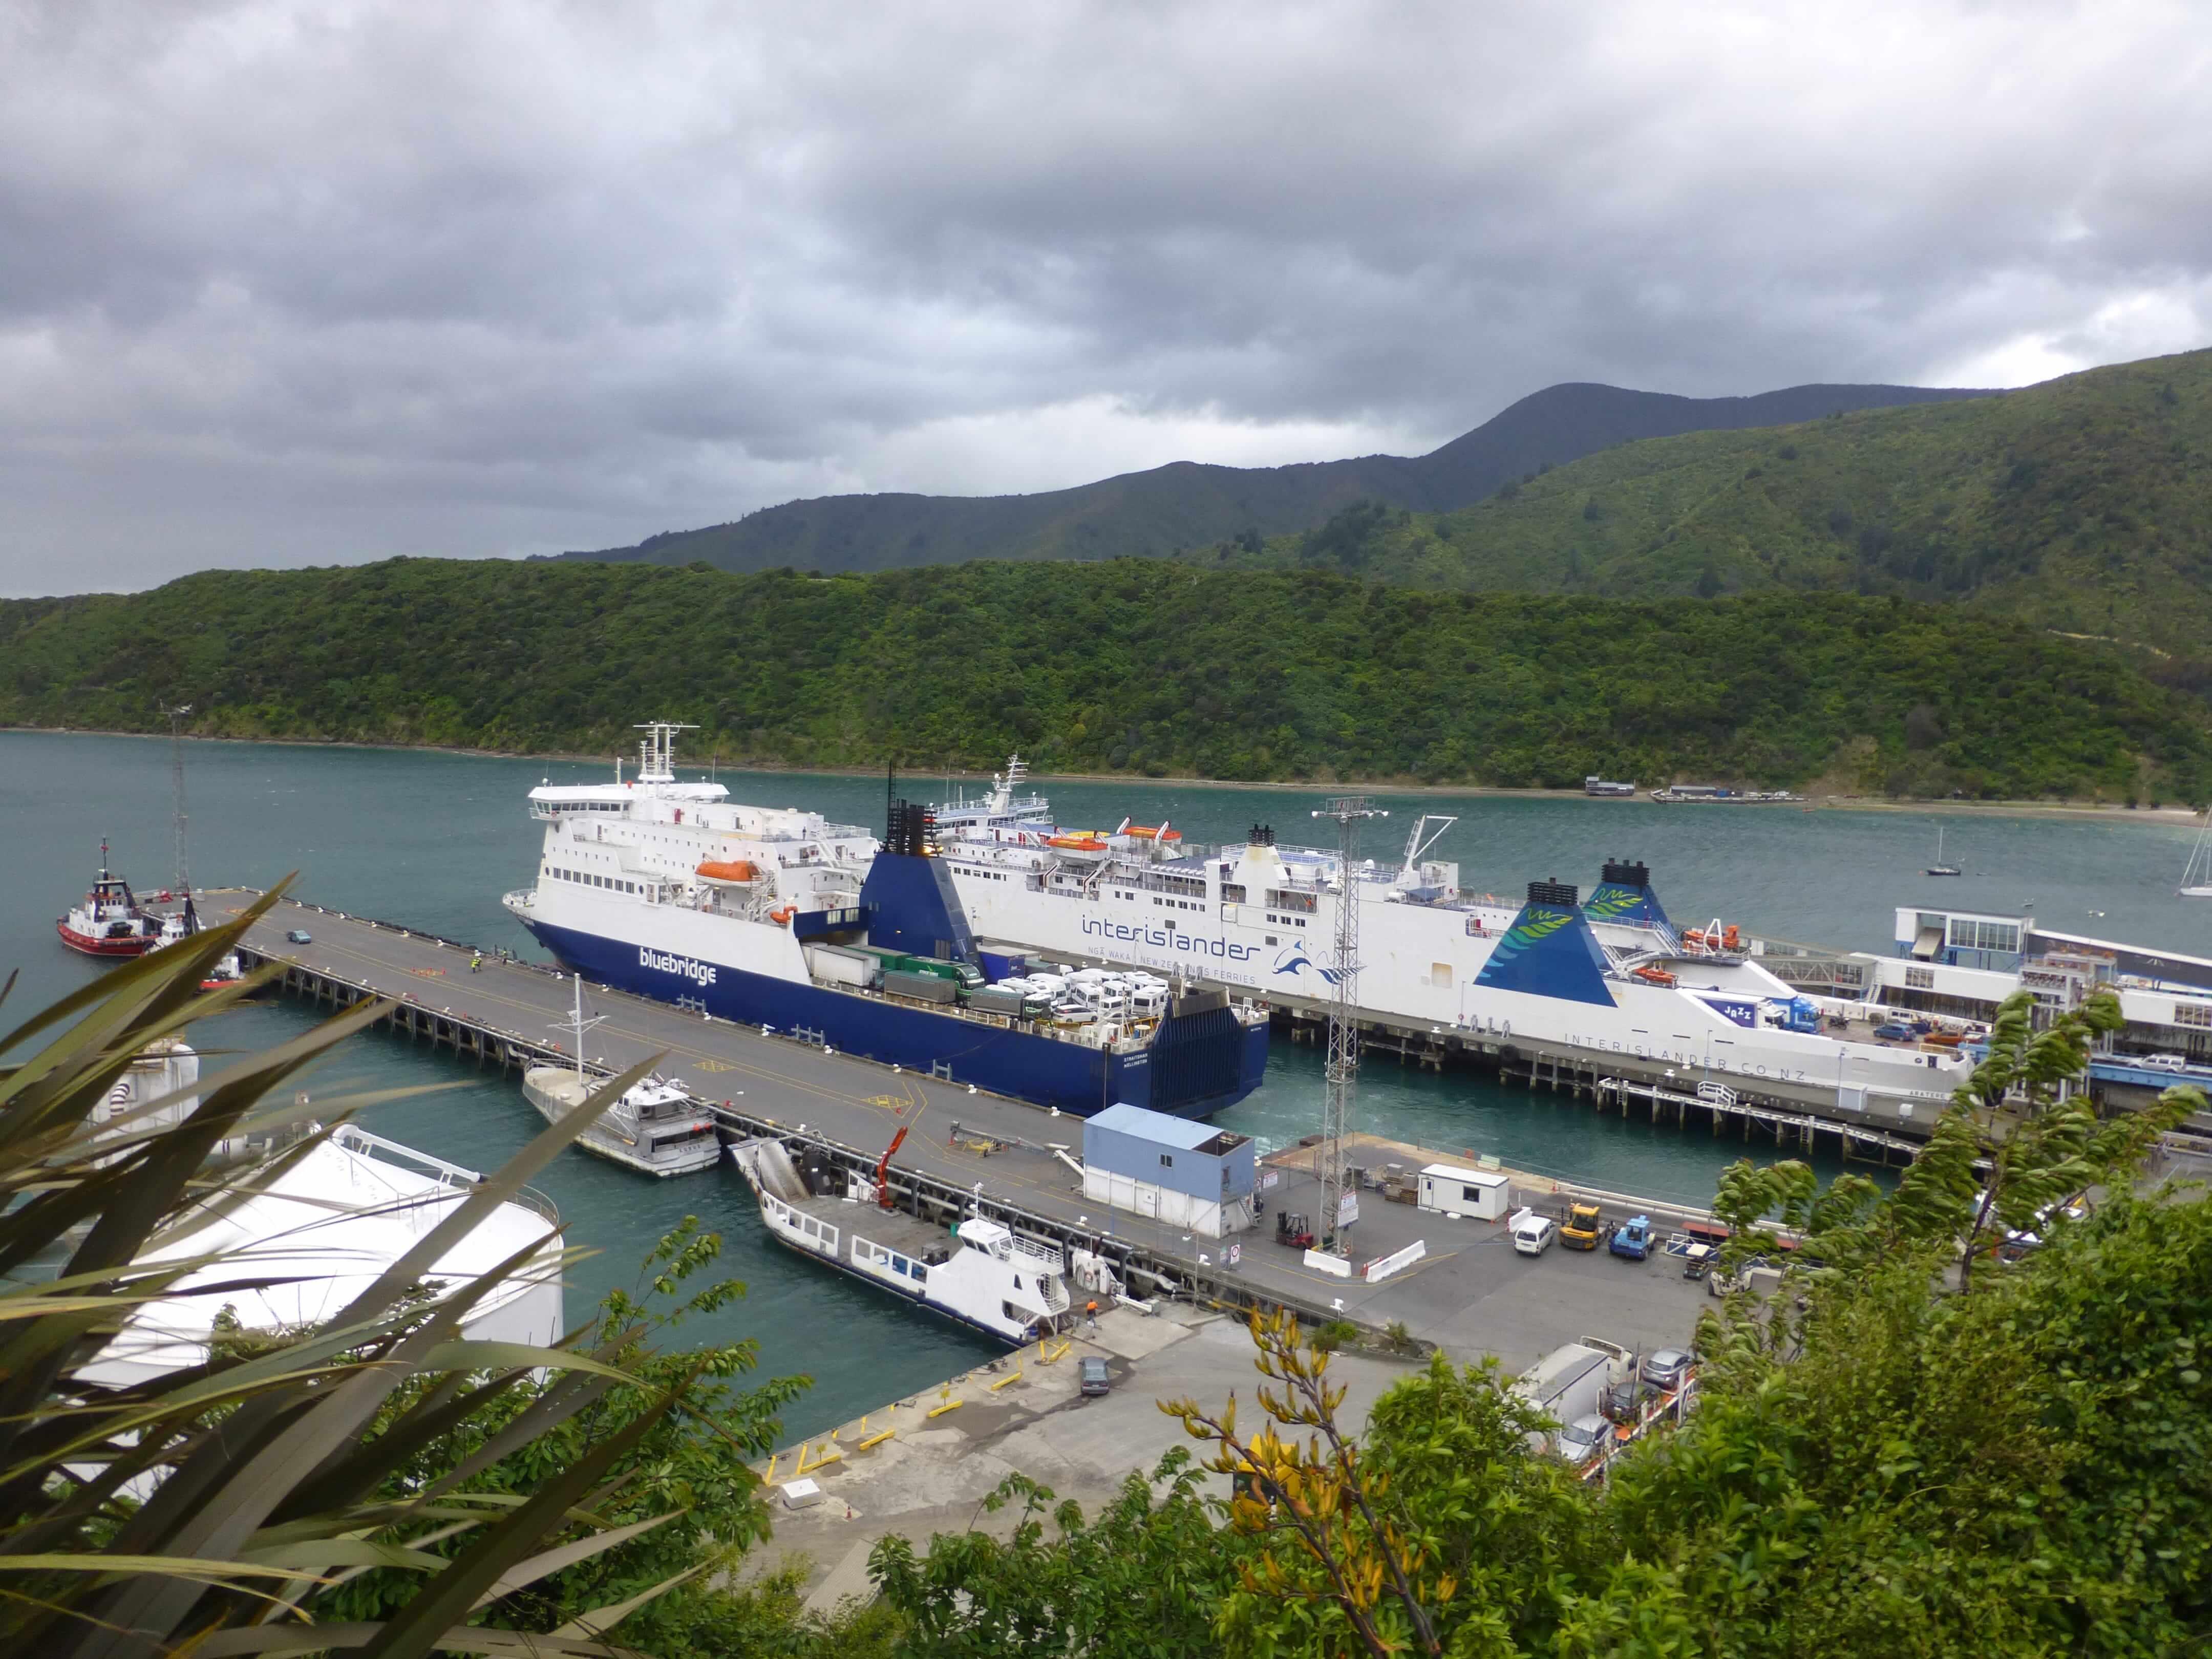 Picton, Interislander, weit-weg.reisen